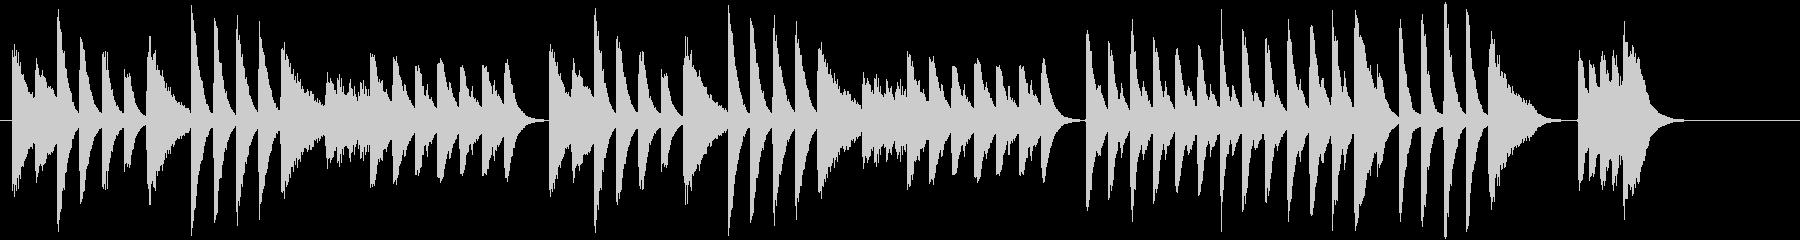 童謡・虫のこえモチーフのピアノジングルAの未再生の波形